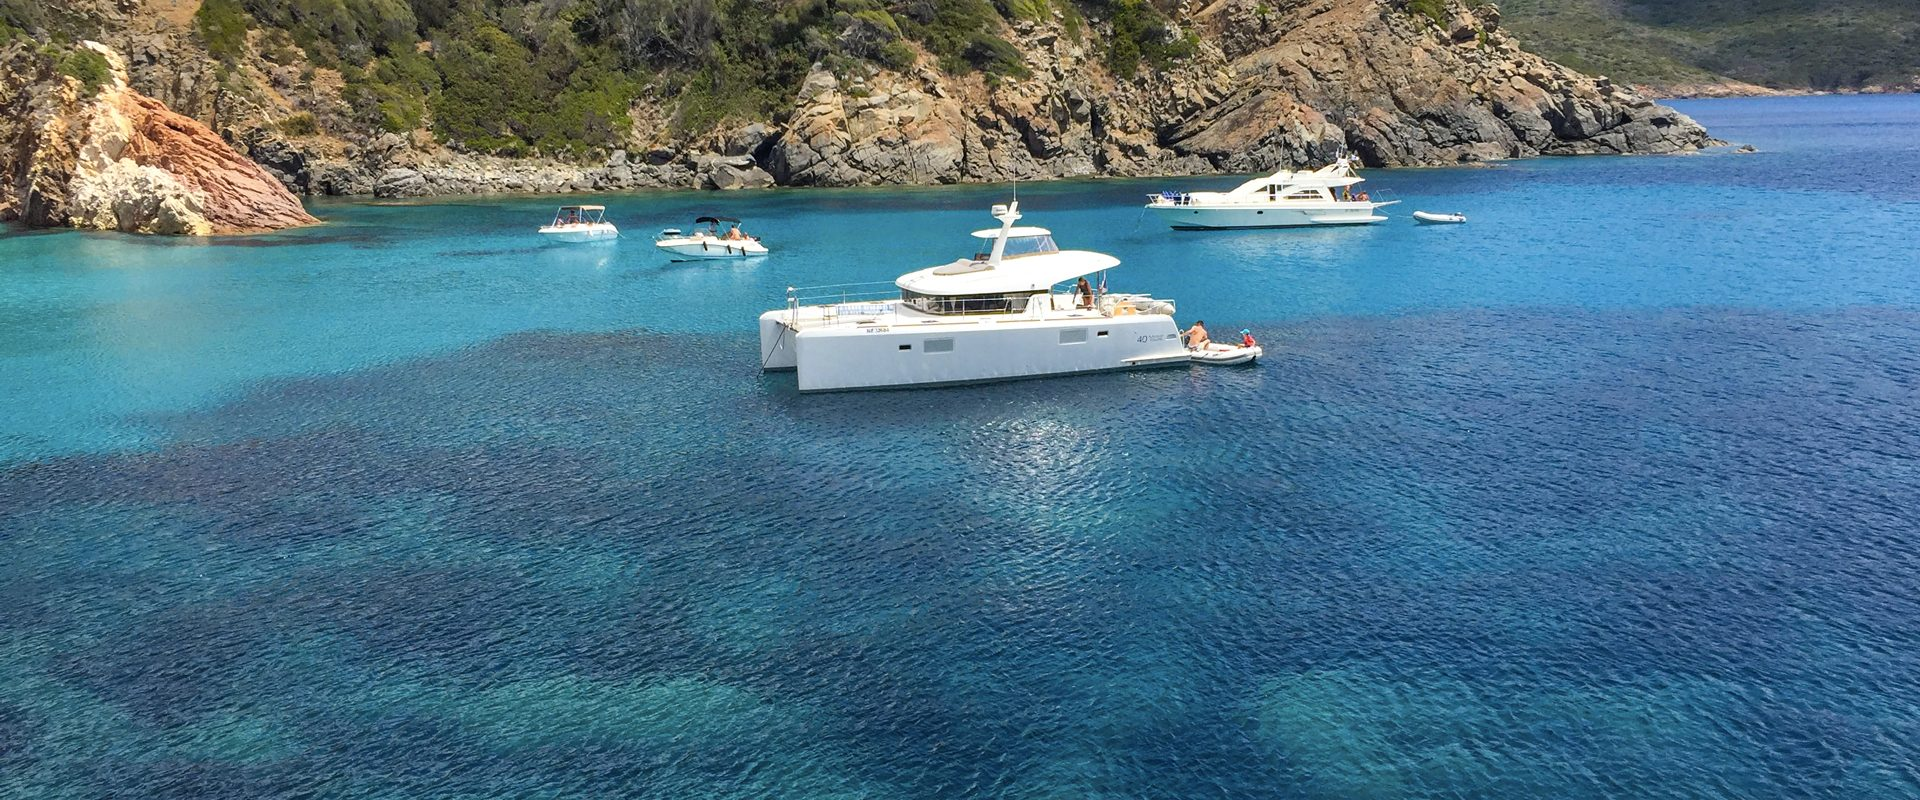 Croisière en bateau sur un catamaran